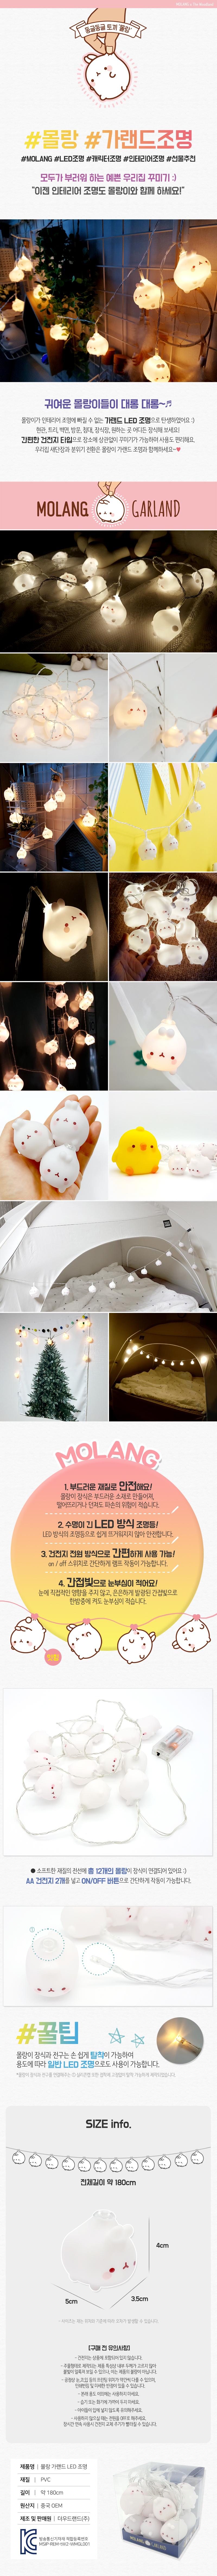 몰랑 가랜드 LED 조명 - 더우드랜드, 24,500원, 리빙조명, 벽조명